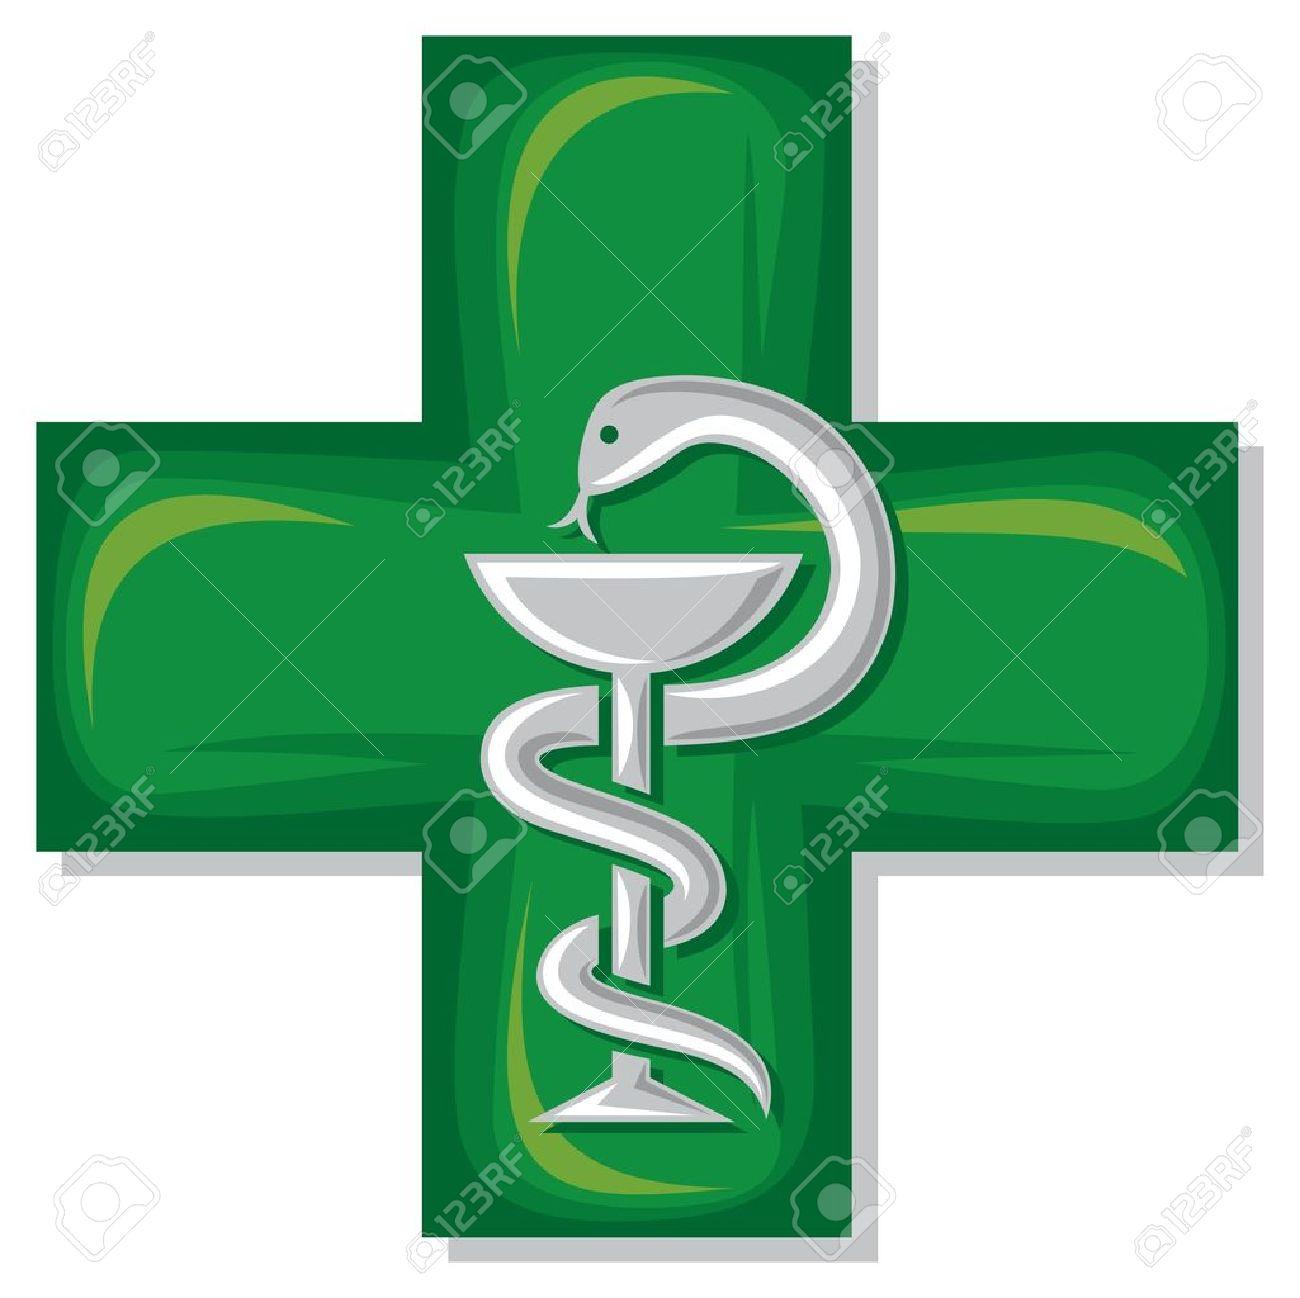 Sanitäter symbol  Klinik Symbol Lizenzfreie Vektorgrafiken Kaufen: 123RF